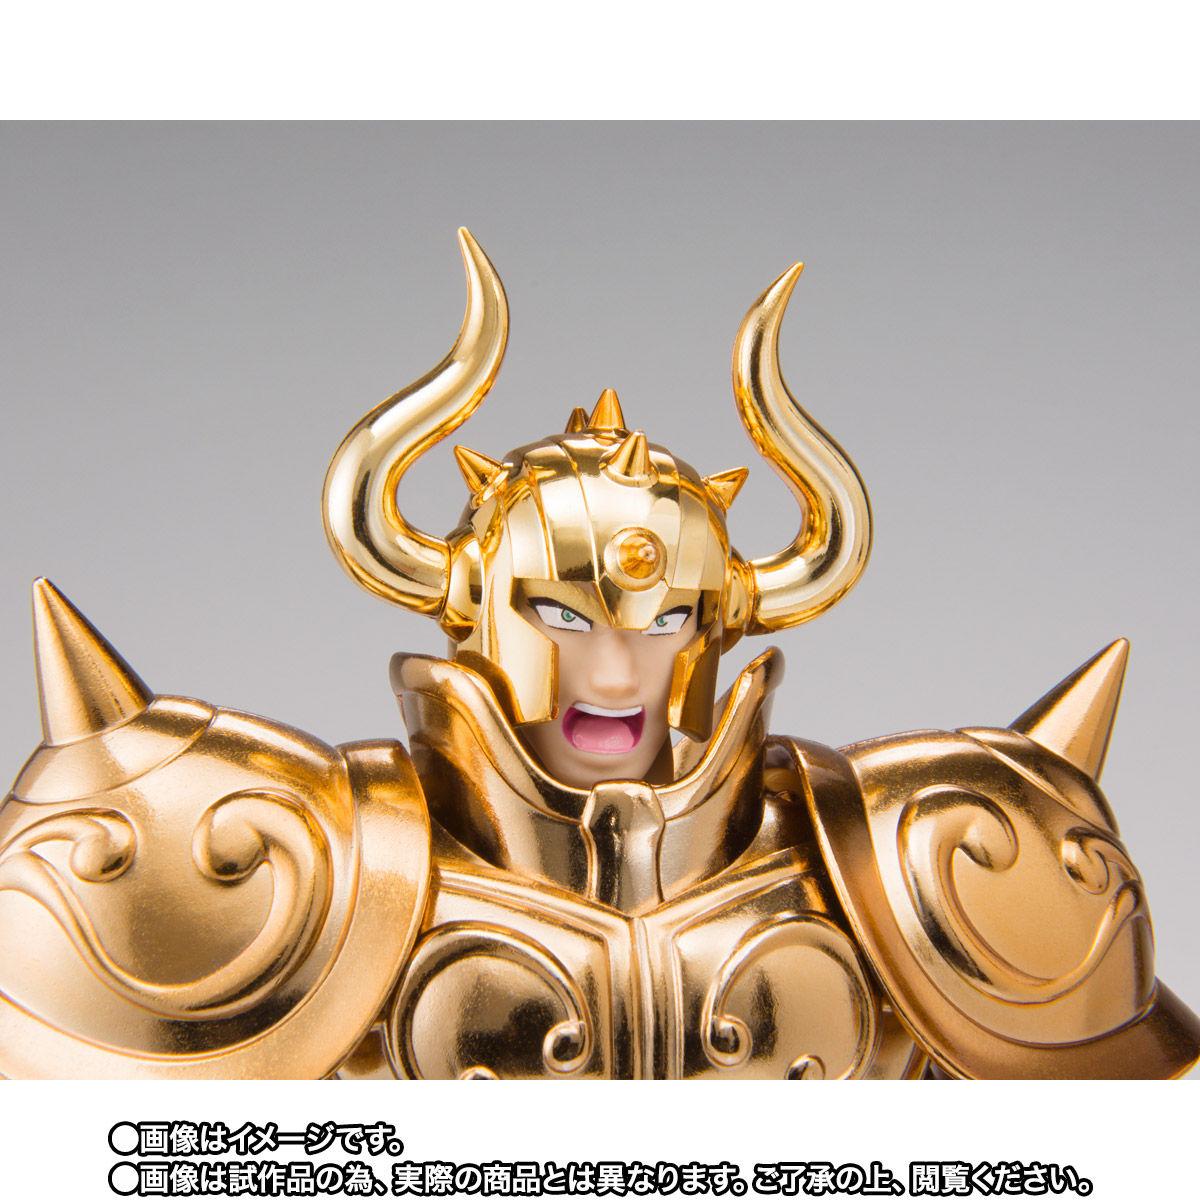 【限定販売】聖闘士聖衣神話EX『タウラスアルデバラン ~ORIGINAL COLOR EDITION~』可動フィギュア-008